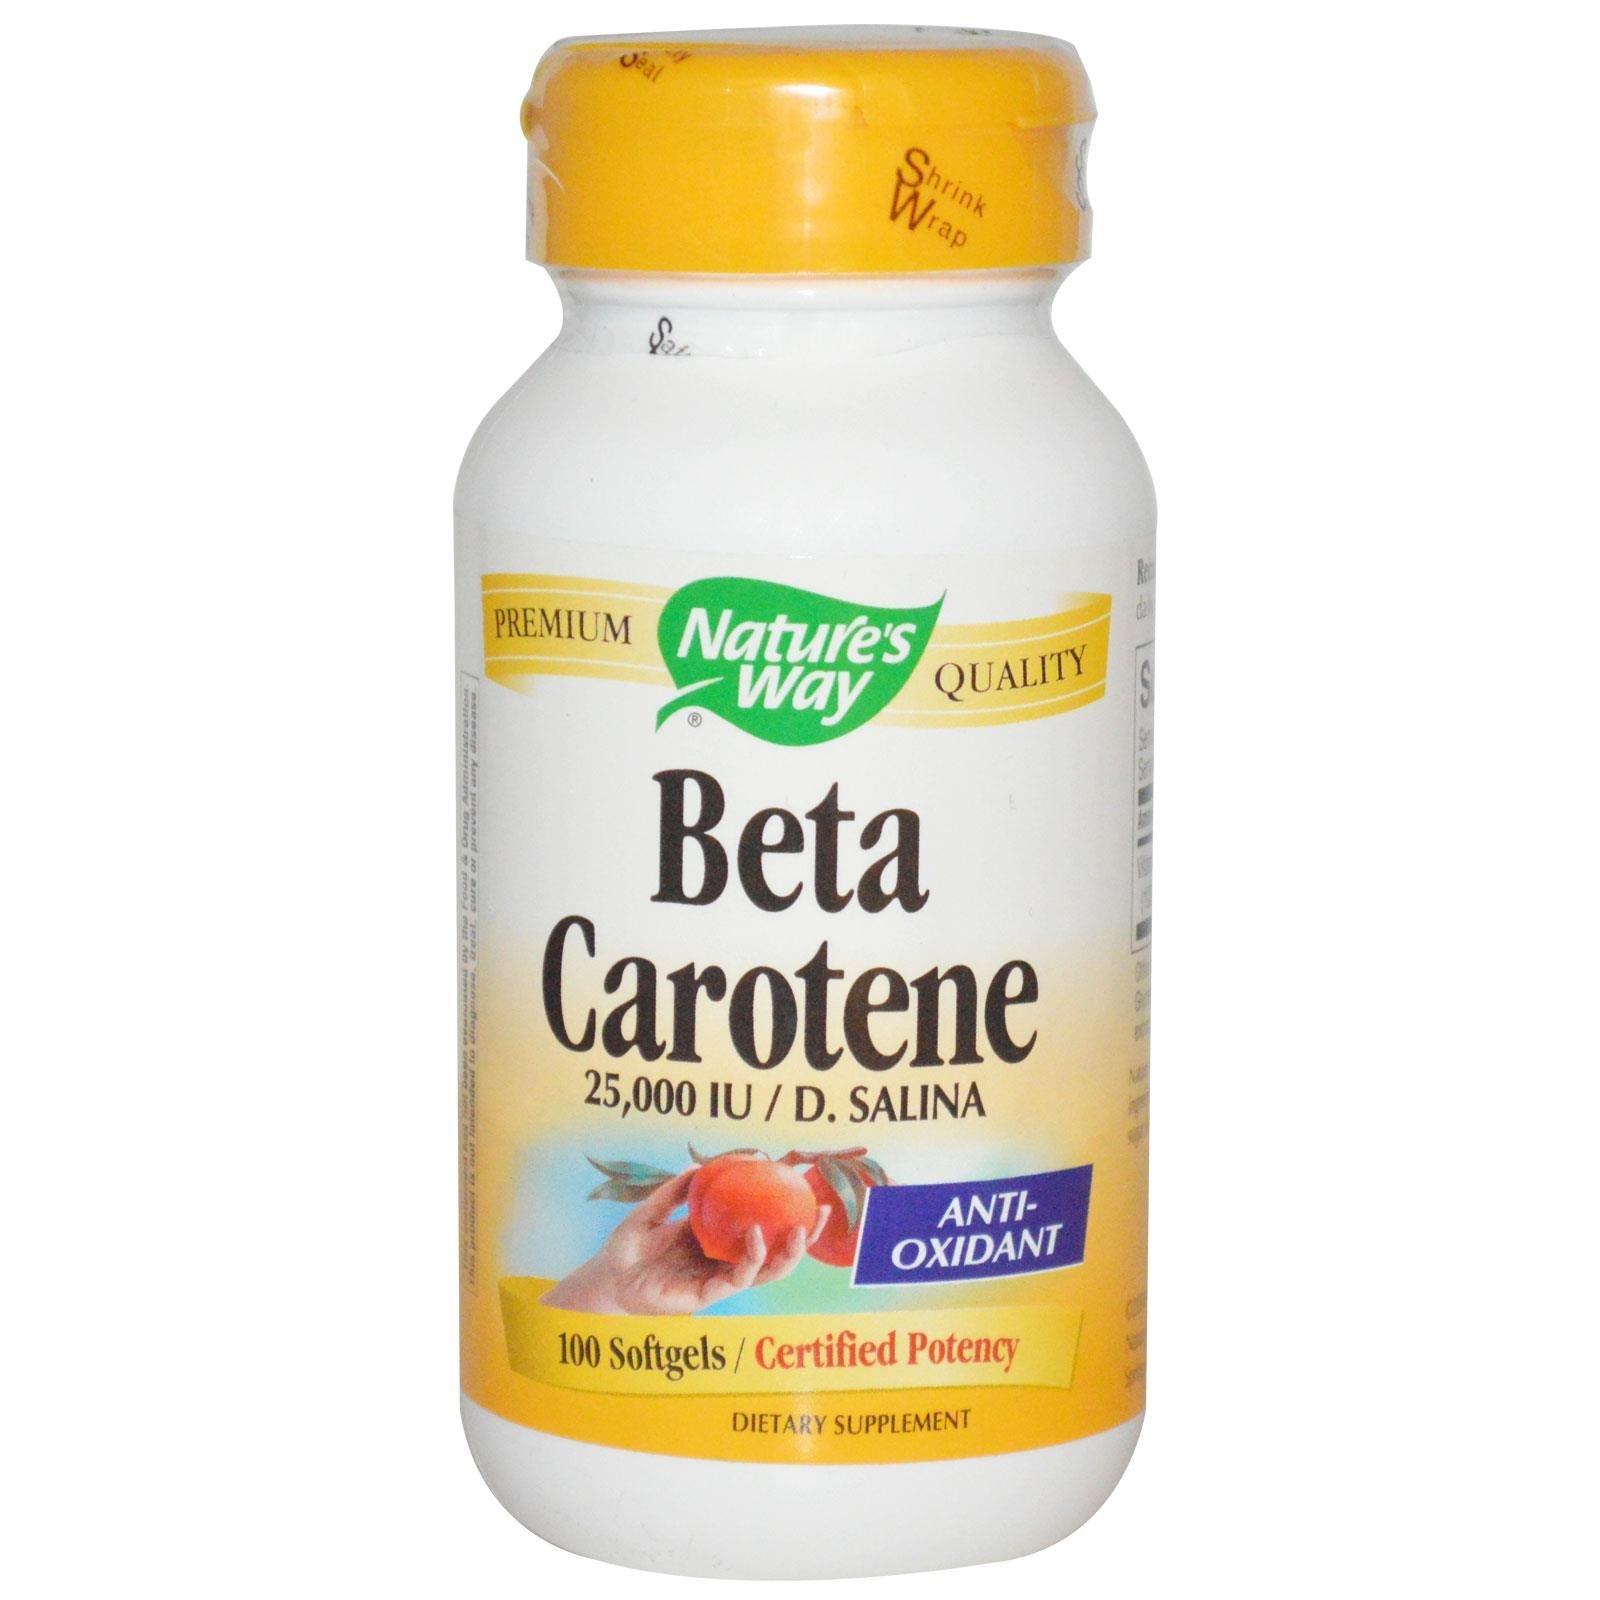 Beta Carotene 25,000 IU / D. Salina (100 softgels)